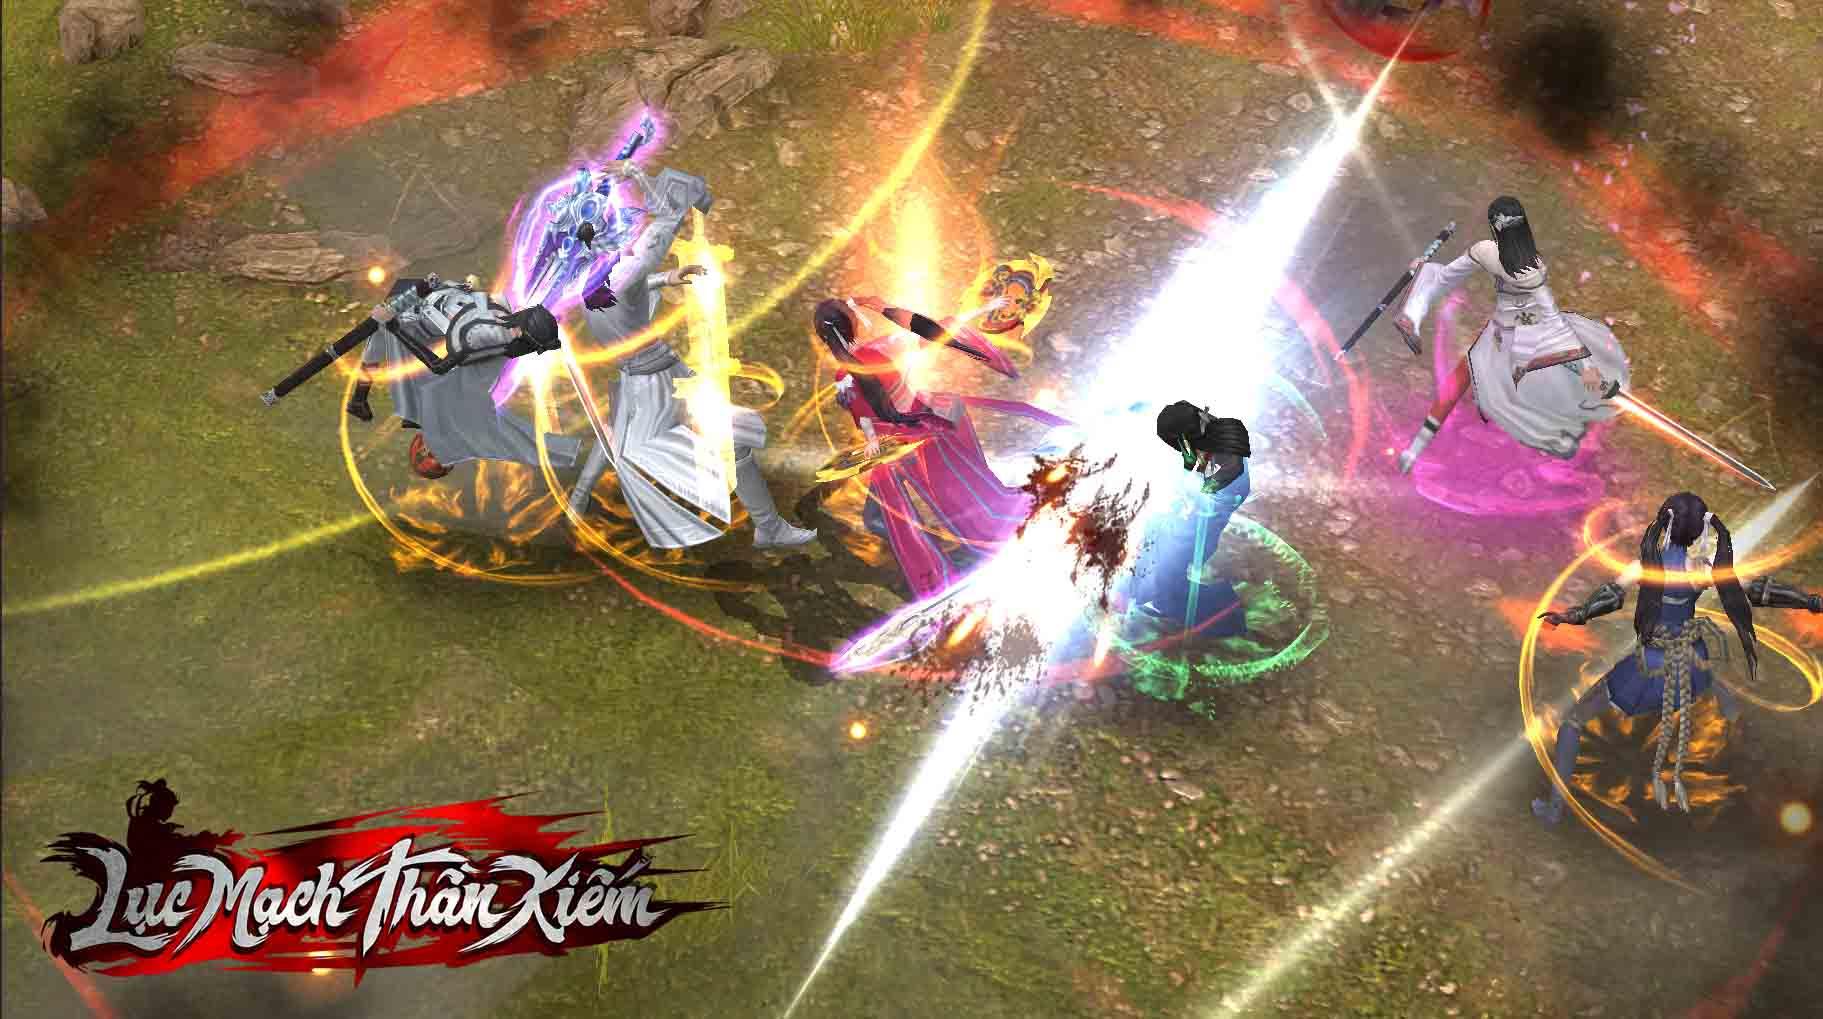 Cảnh PK giữa người chơi với nhau trong game.